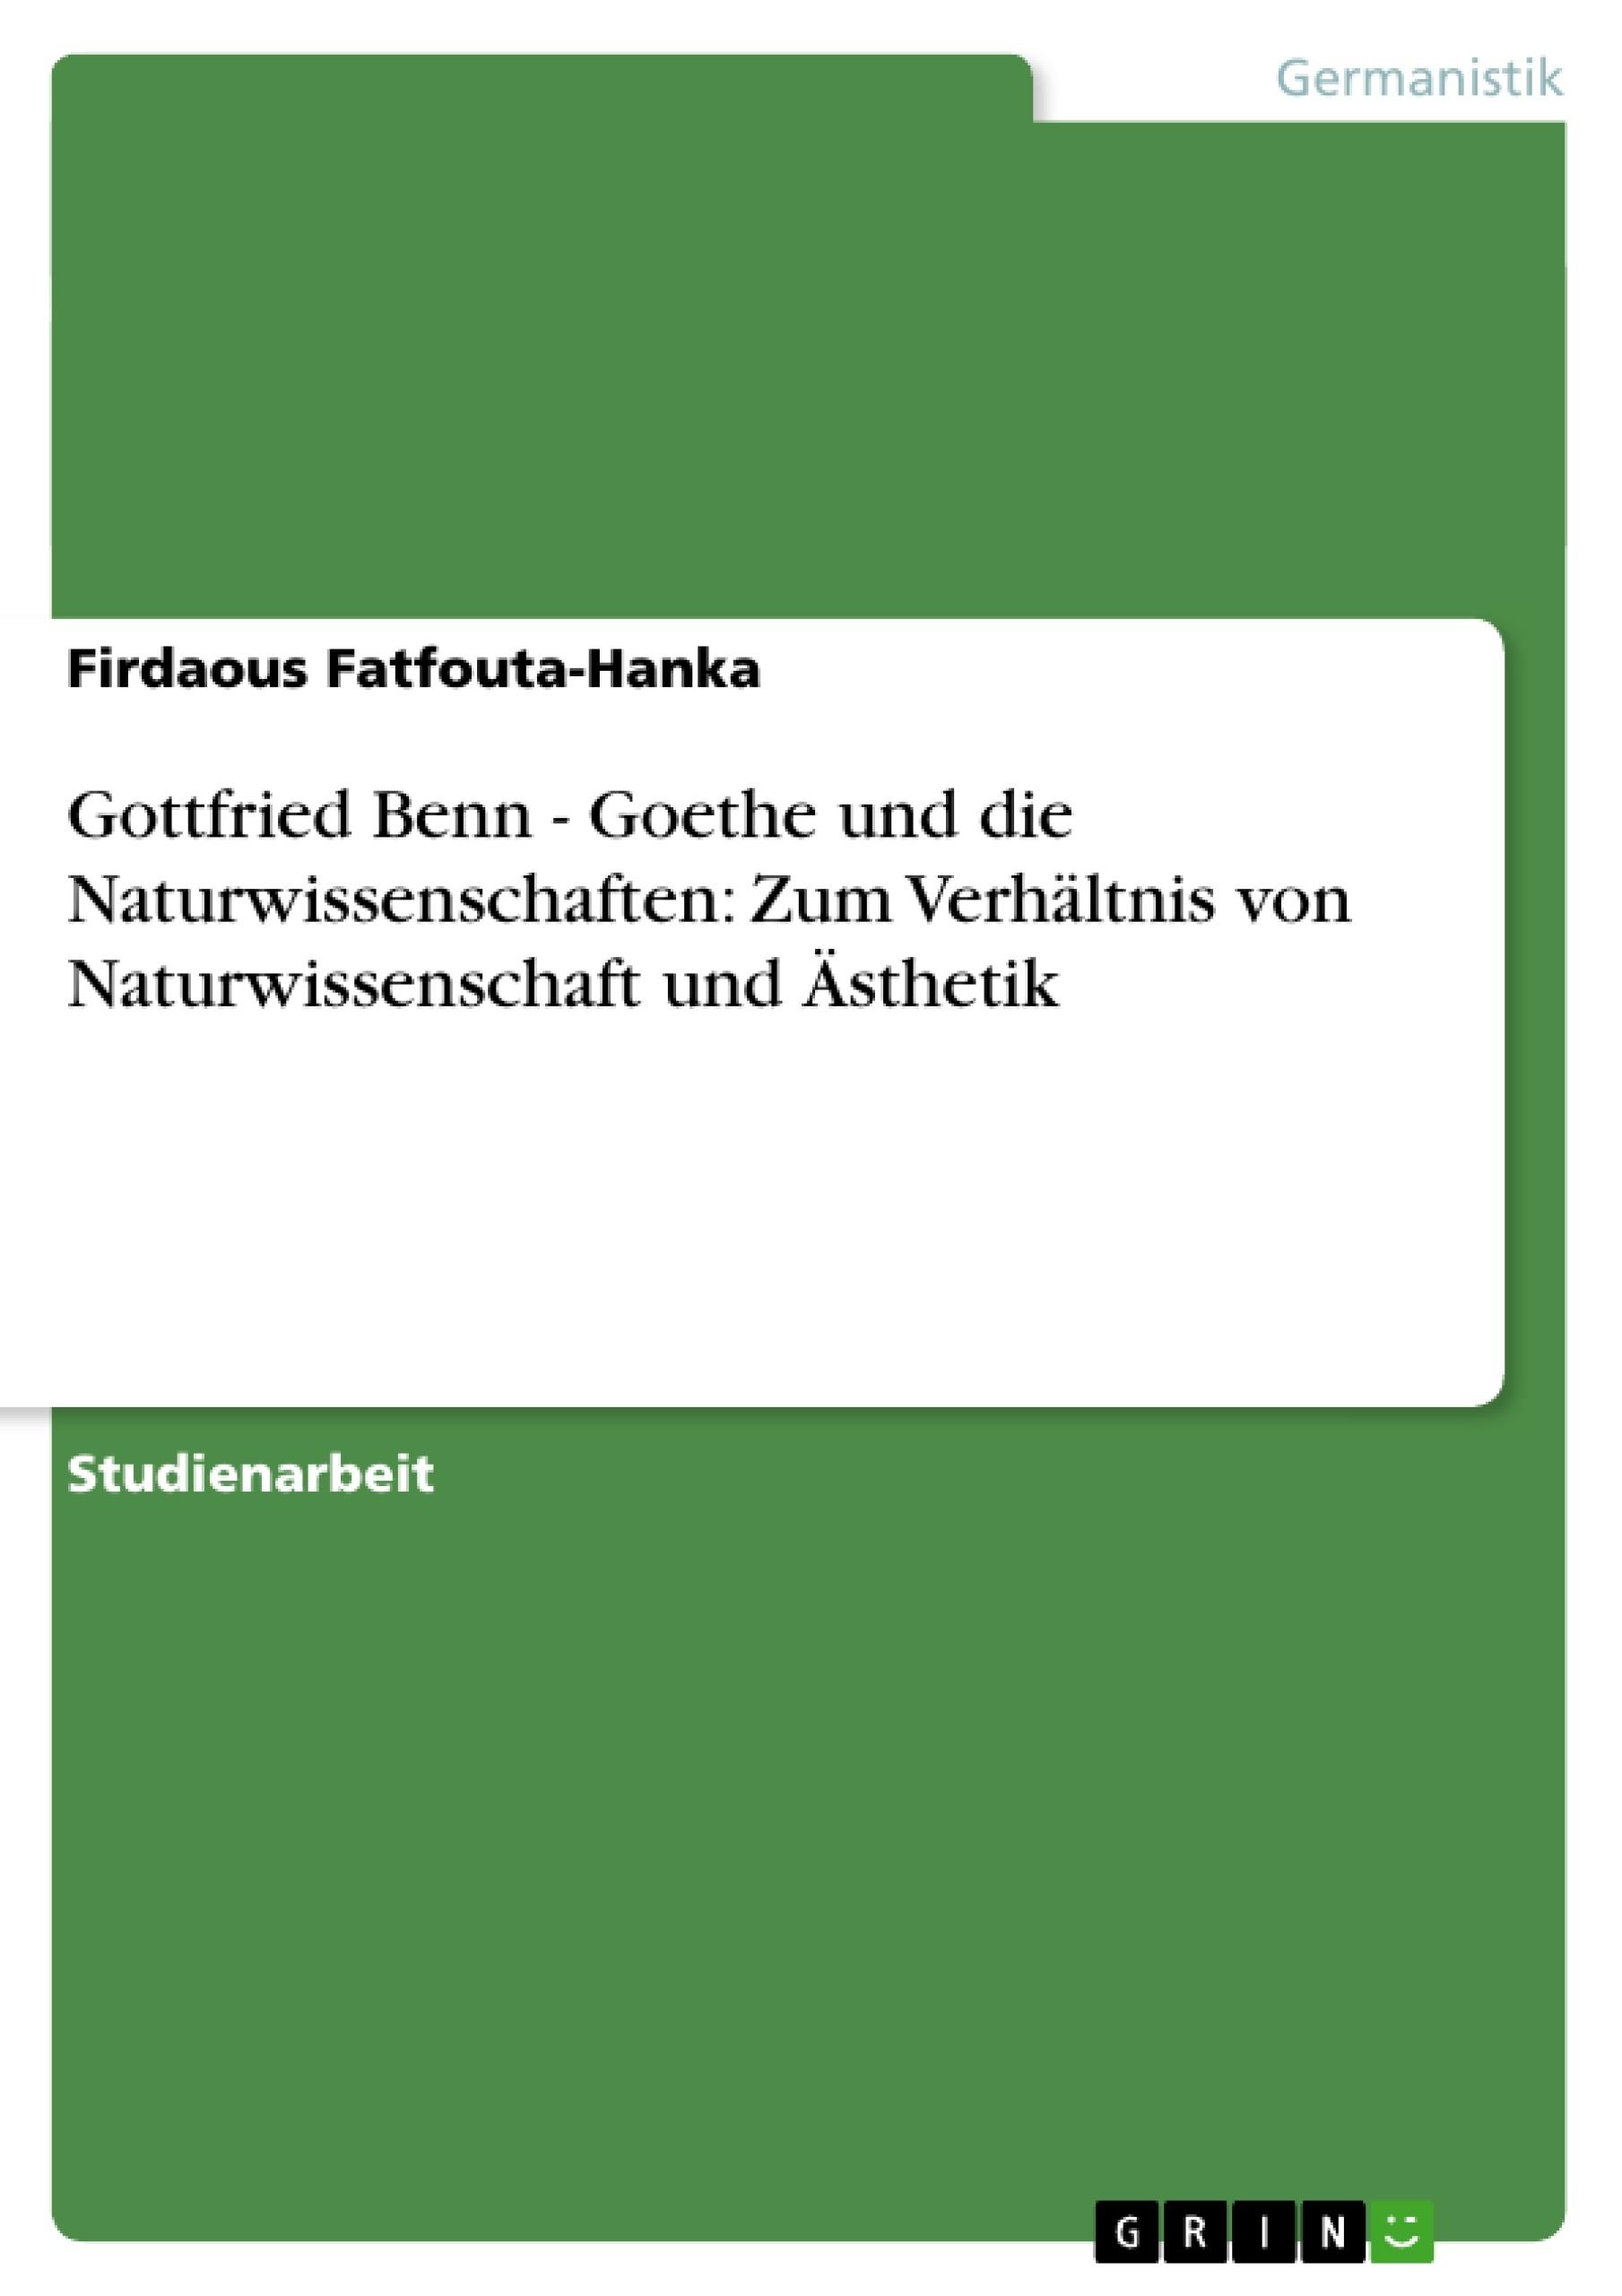 Titel: Gottfried Benn - Goethe und die Naturwissenschaften: Zum Verhältnis von Naturwissenschaft und Ästhetik